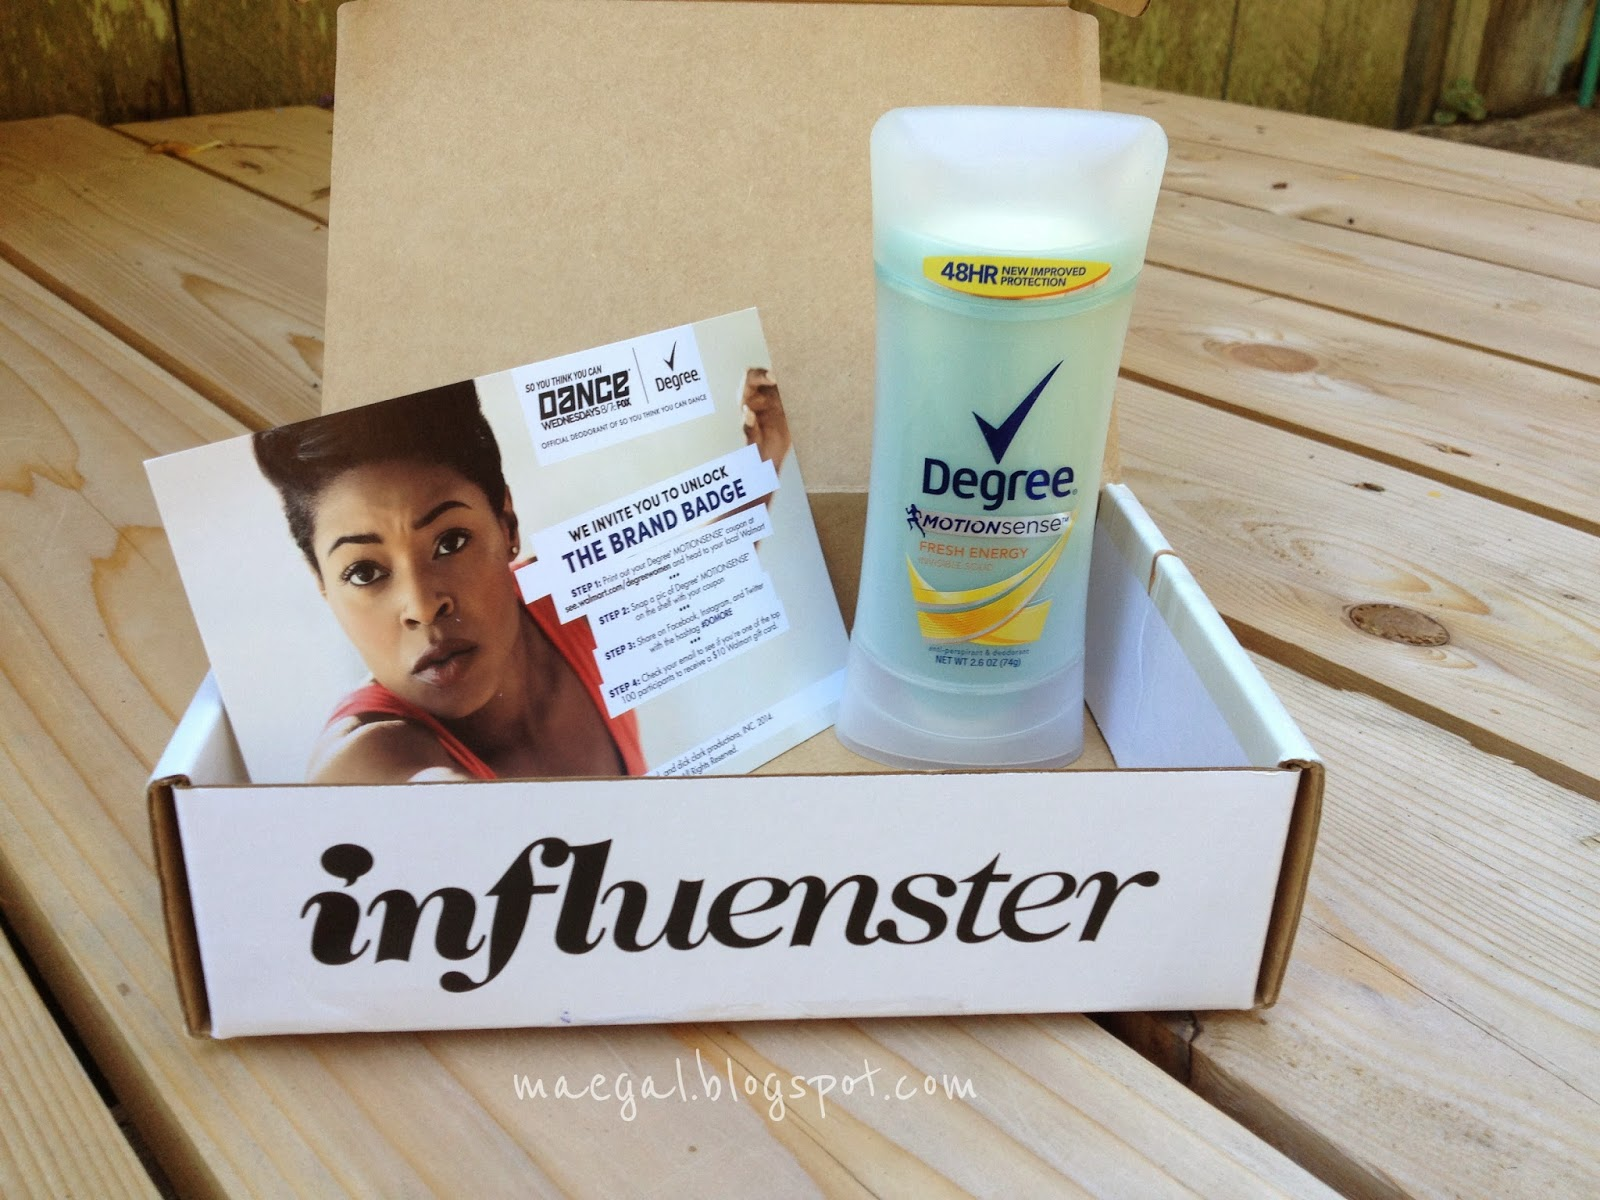 Degree MotionSense Deodorant Influenster VoxBox